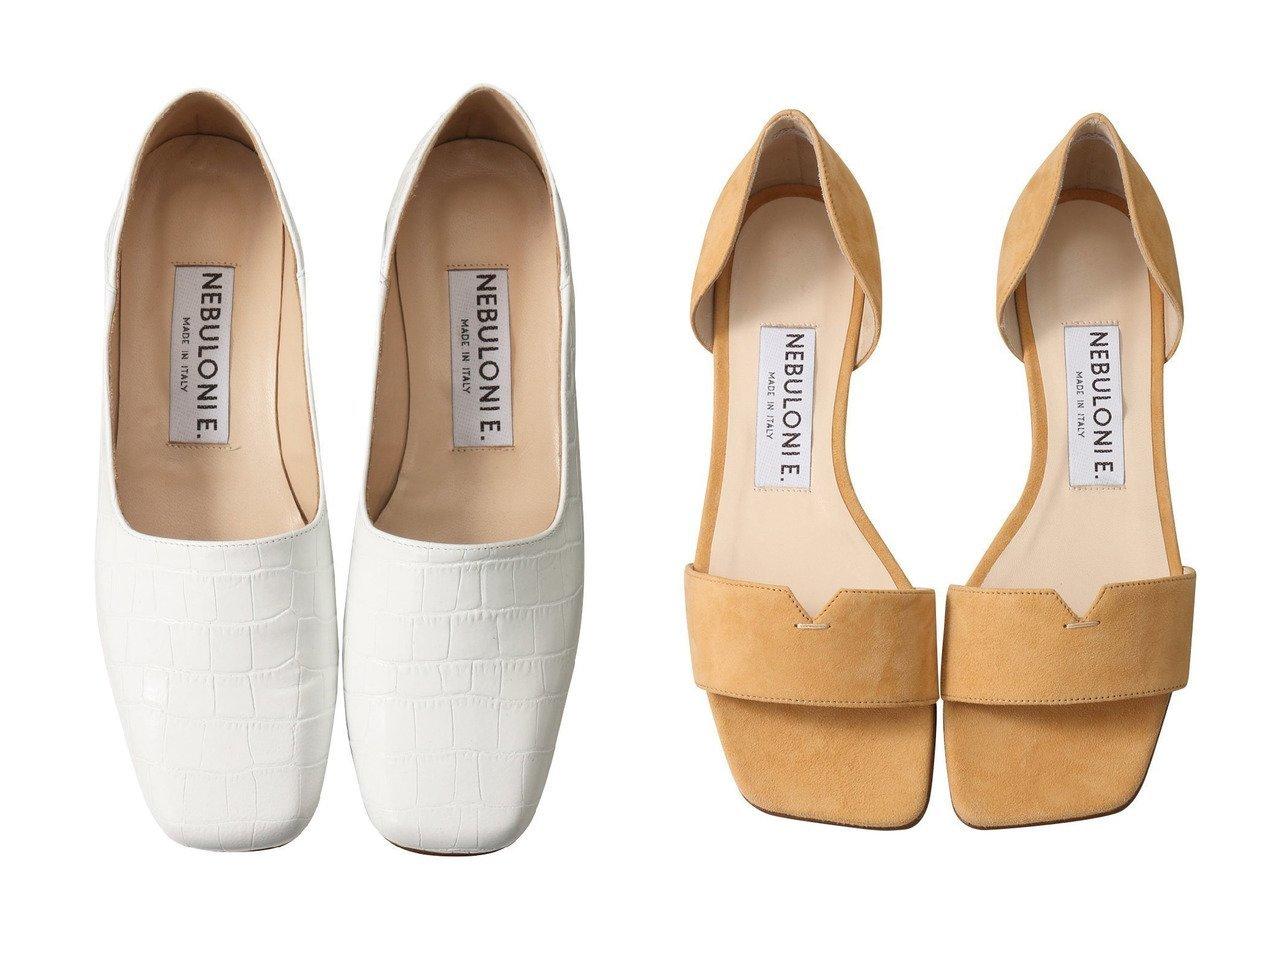 【NEBULONI E/ネブローニ】のクロコ型押し2wayスリッポン&GLAM スエードフラットサンダル ネブローニのおすすめ!人気、トレンド・レディースファッションの通販  おすすめで人気の流行・トレンド、ファッションの通販商品 メンズファッション・キッズファッション・インテリア・家具・レディースファッション・服の通販 founy(ファニー) https://founy.com/ ファッション Fashion レディースファッション WOMEN 2021年 2021 2021 春夏 S/S SS Spring/Summer 2021 S/S 春夏 SS Spring/Summer クロコ シューズ シンプル スリッパ スリッポン フラット 春 Spring |ID:crp329100000021132